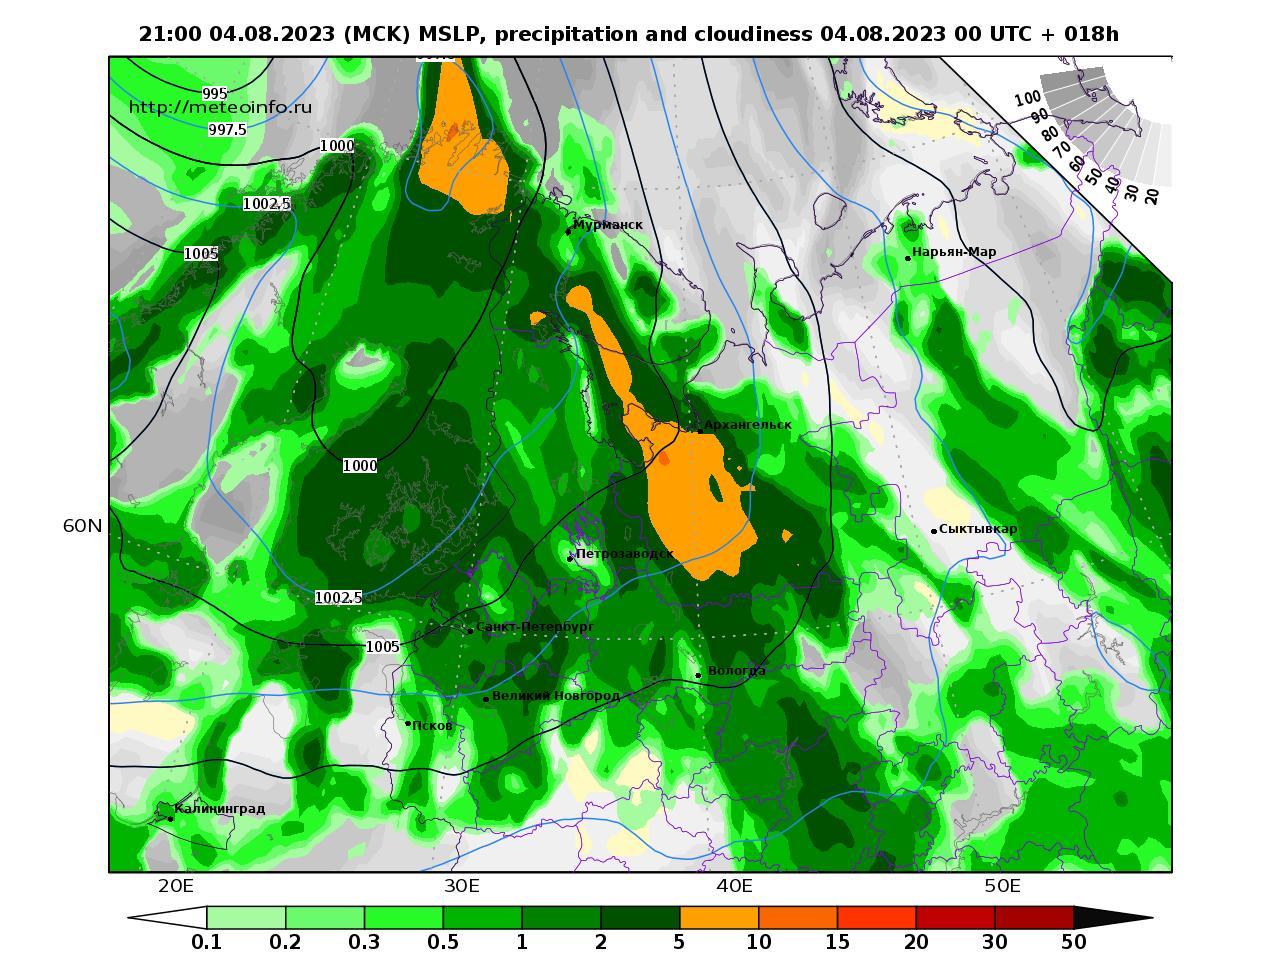 Северо-Западный Федеральный округ, прогностическая карта осадки и давление, заблаговременность прогноза 18 часов